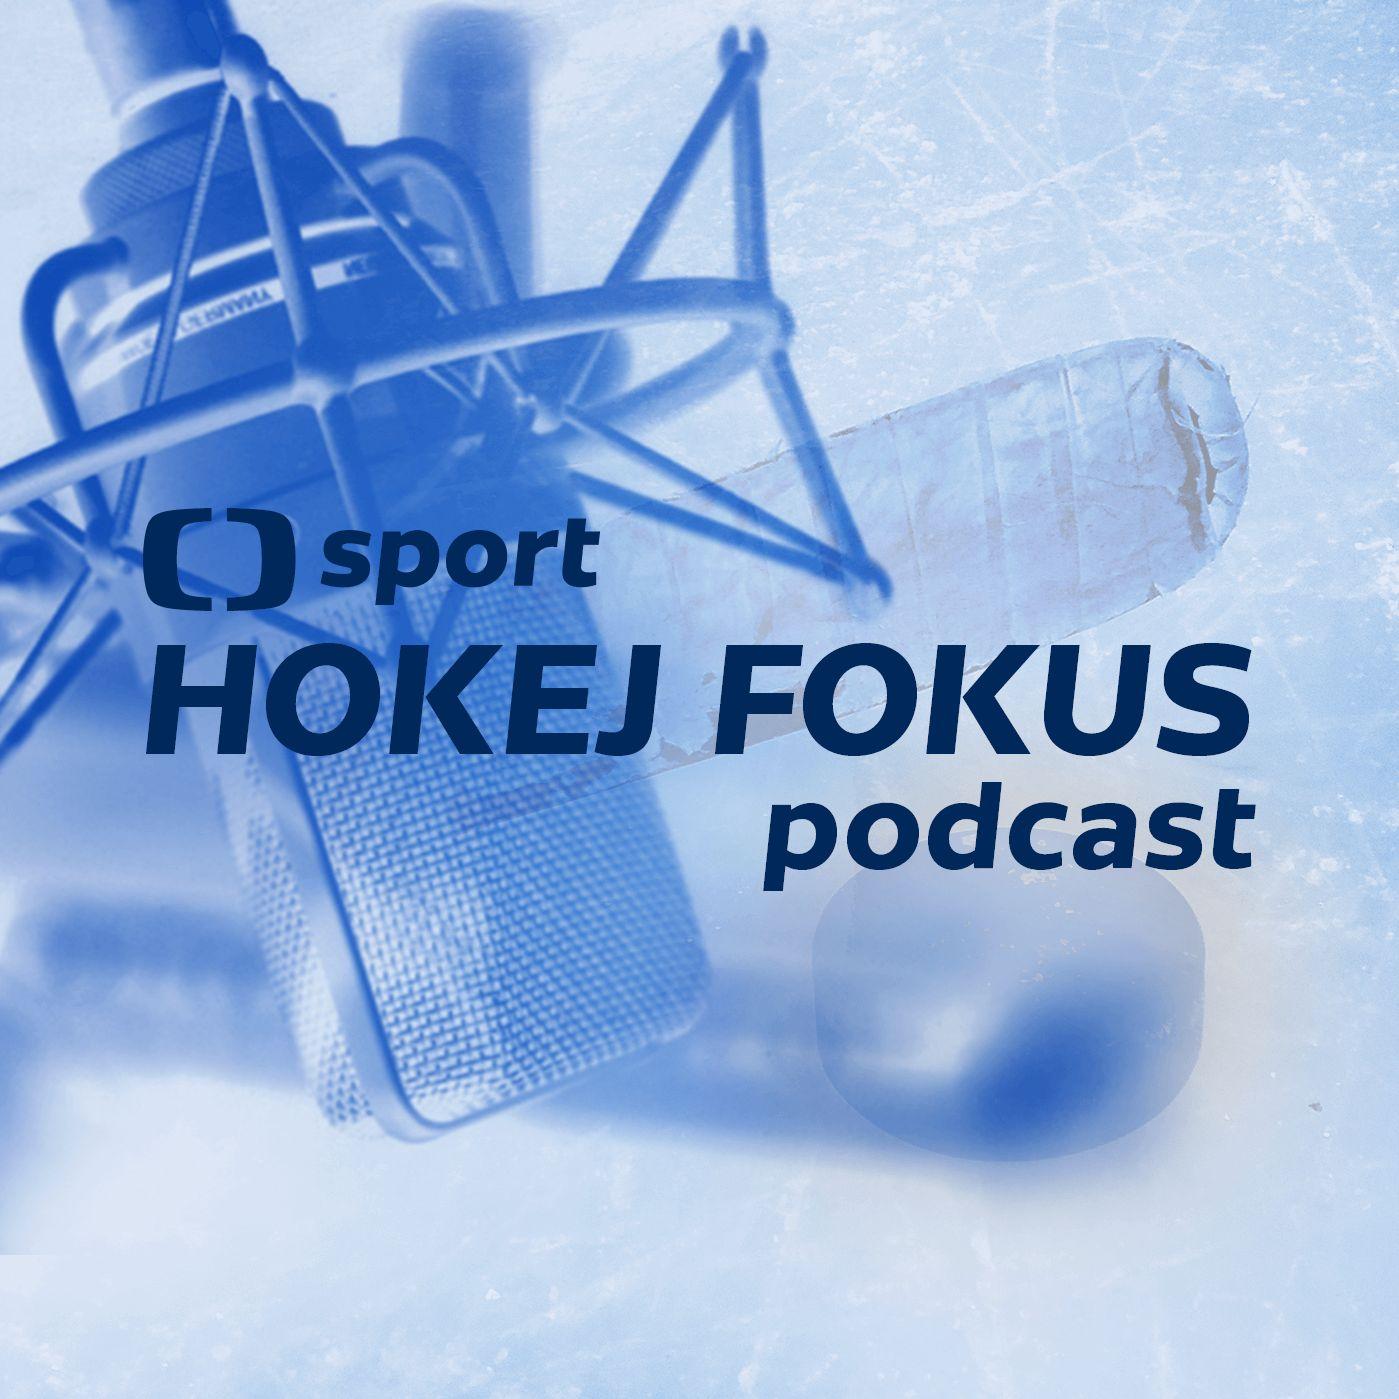 Hokej fokus podcast: Proč Pittsburgh dominuje NHL a může ho někdo sesadit?